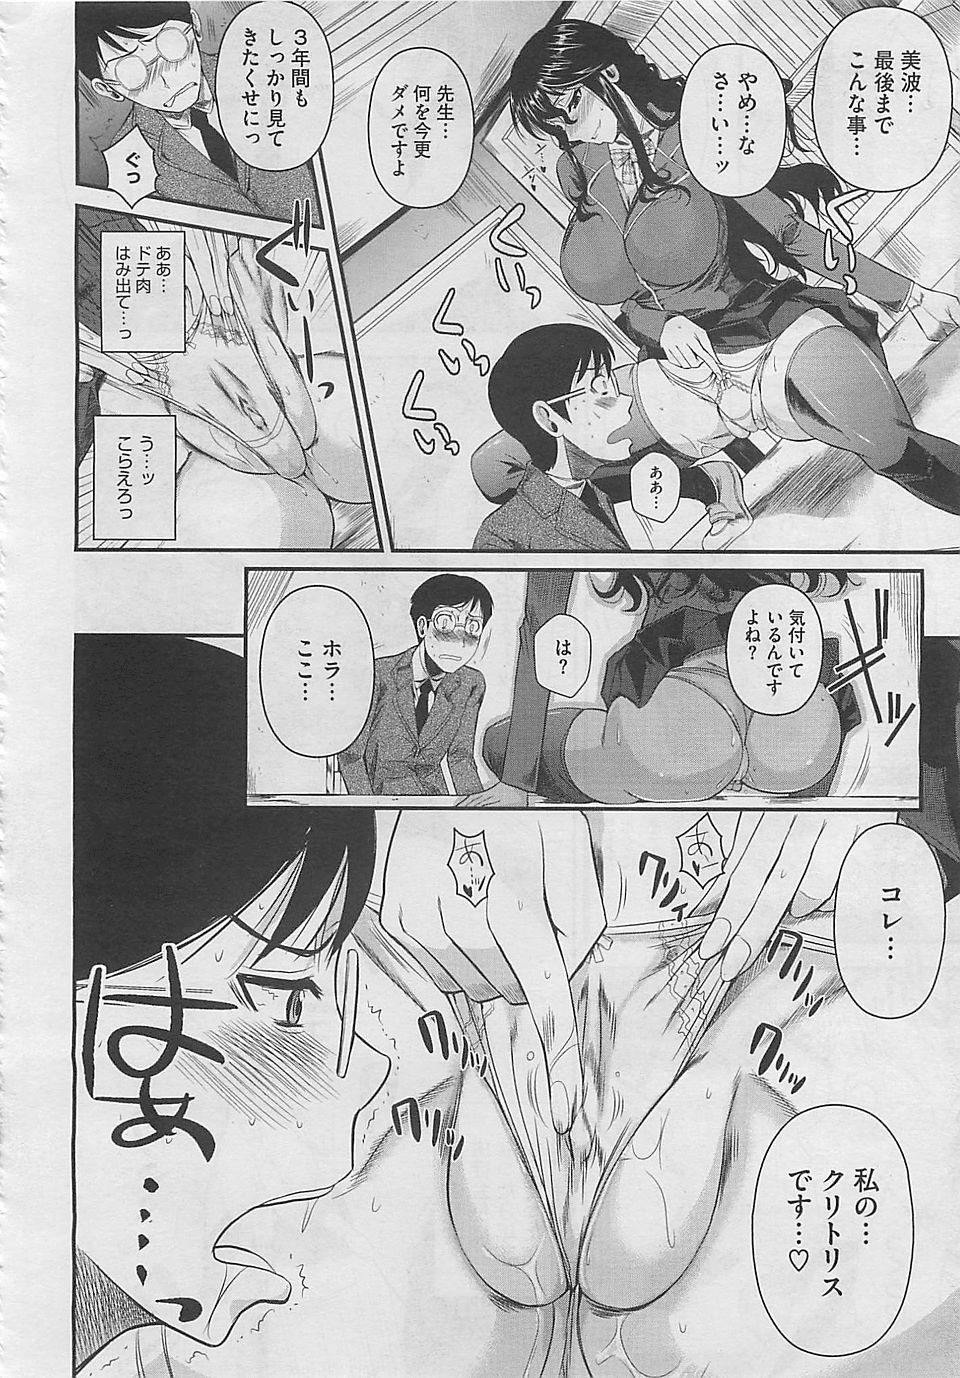 【エロ漫画・エロ同人誌】巨乳生徒会長のオナニーを3年間見せられ続けた先生www (4)